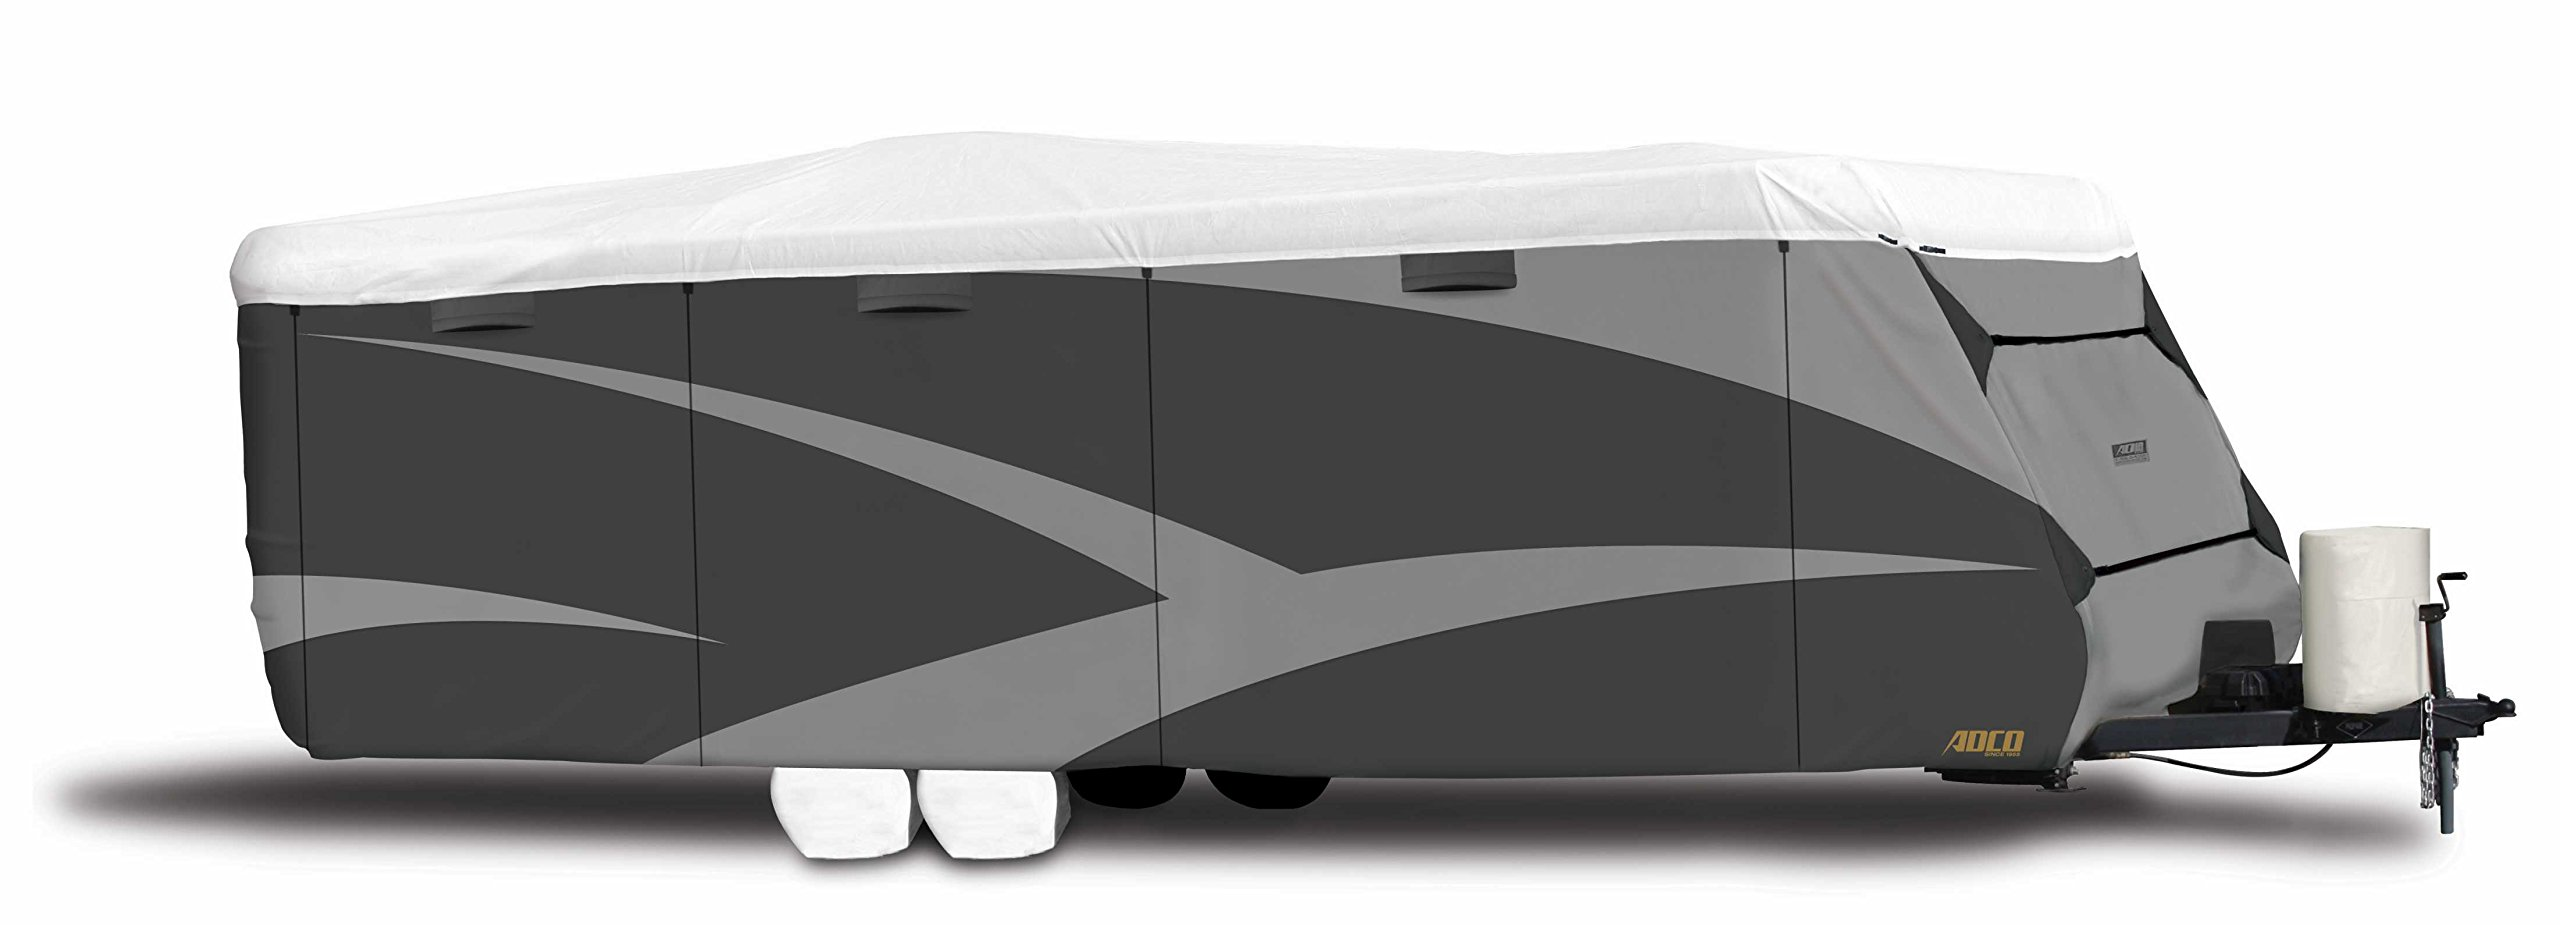 ADCO  34838 Designer Series Gray/White Upto 15' DuPont Tyvek Travel Trailer Cover